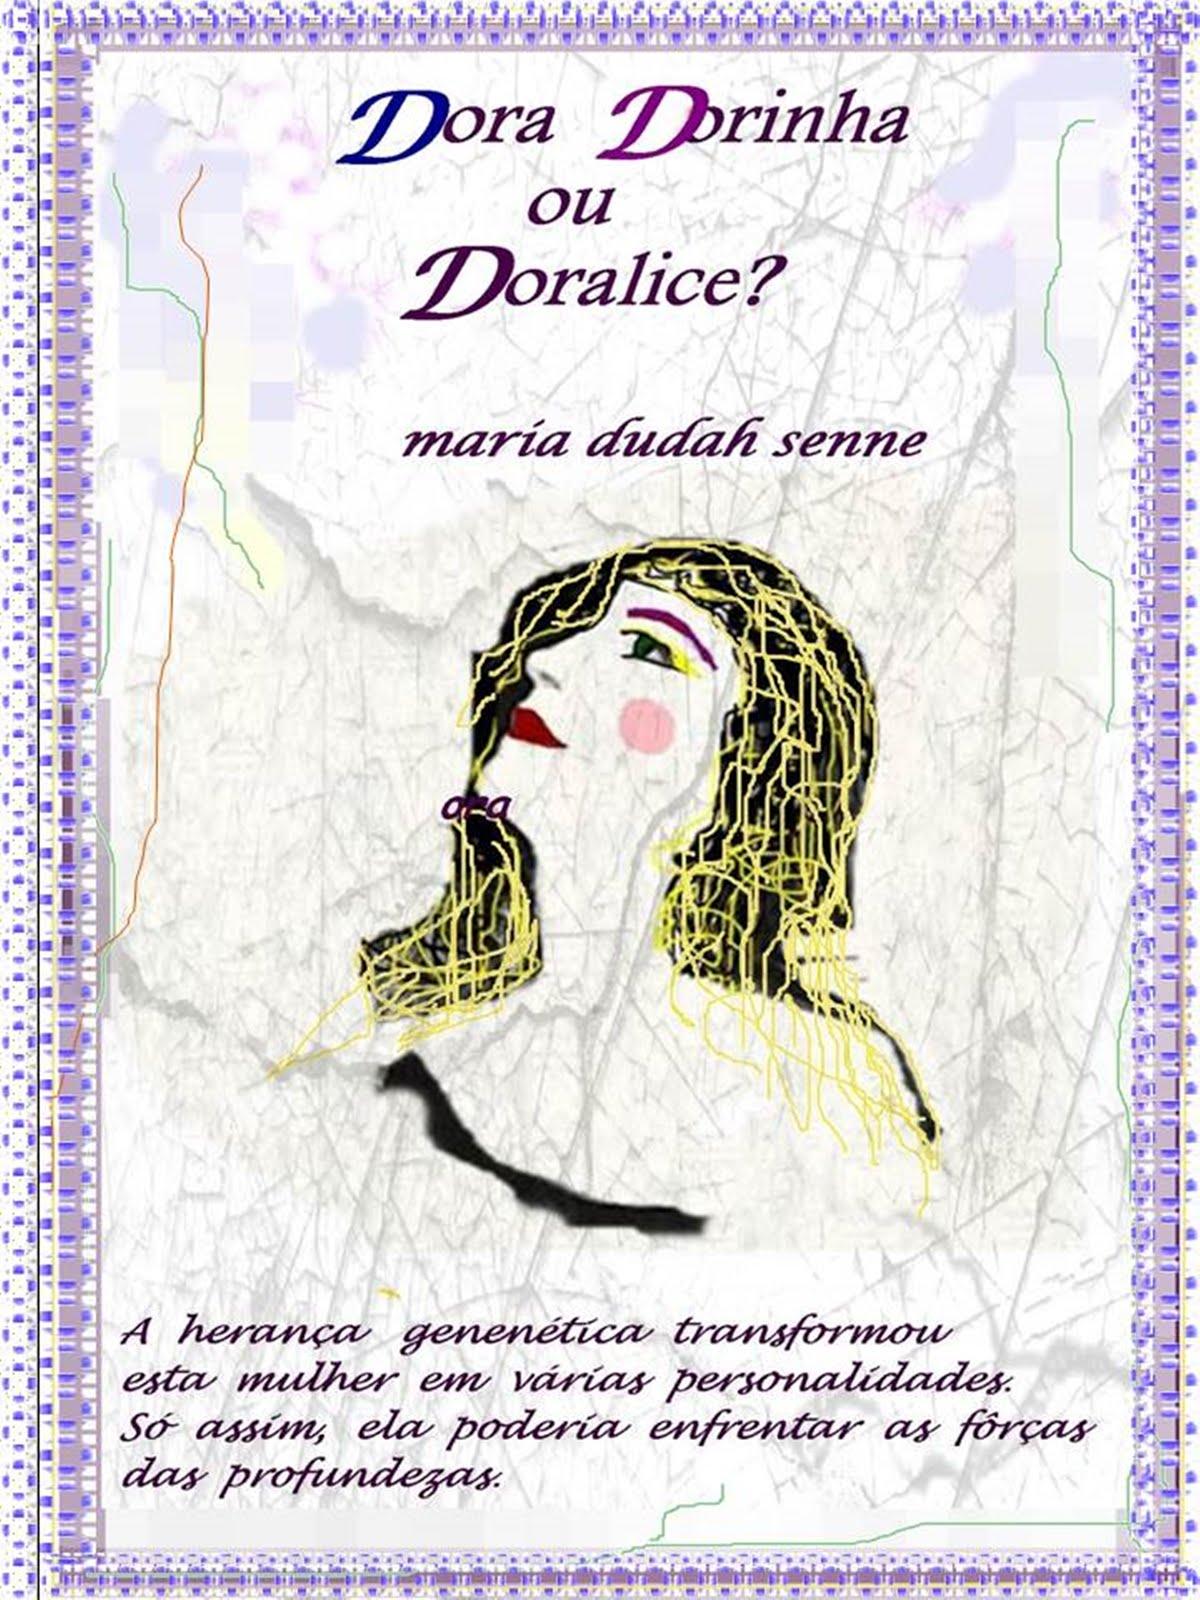 Dora, Dorinha ou Doralice?